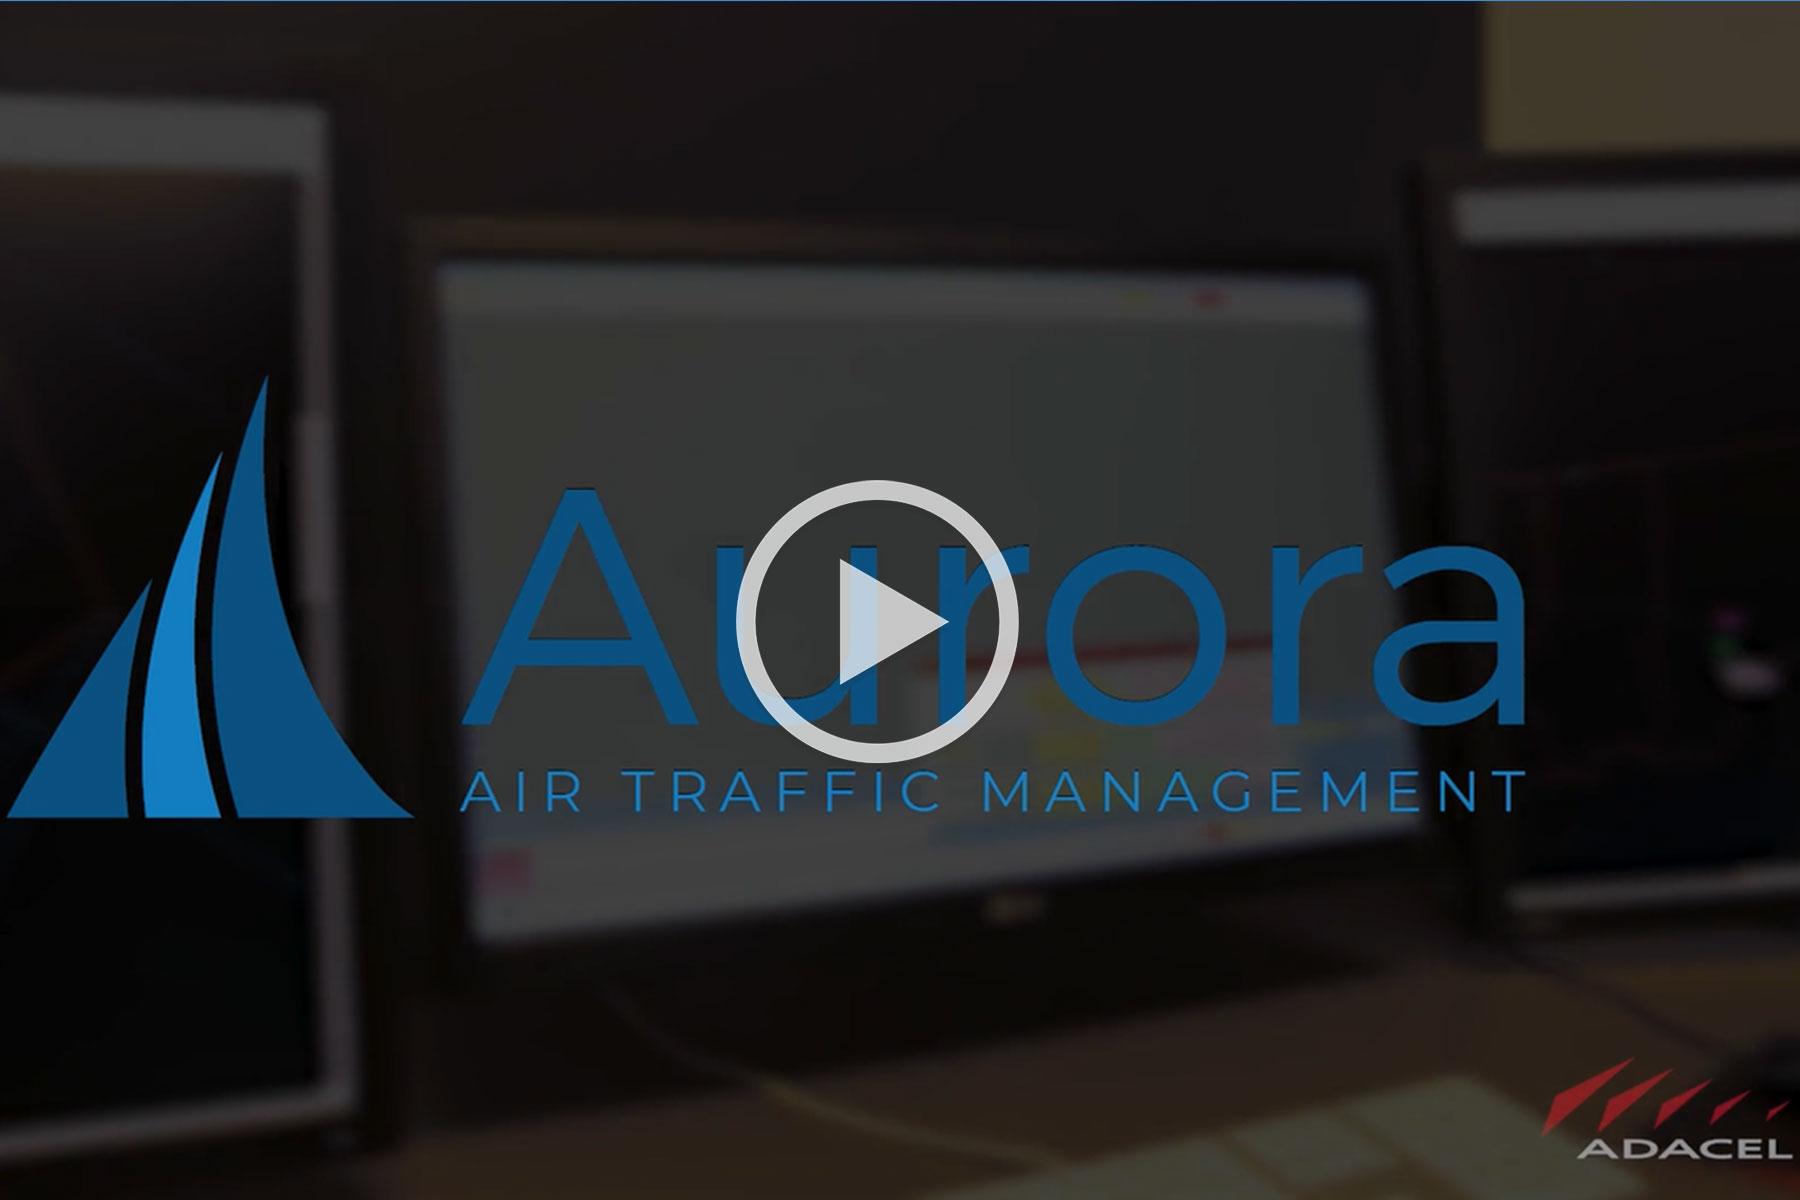 Aurora Air Traffic Management Solution